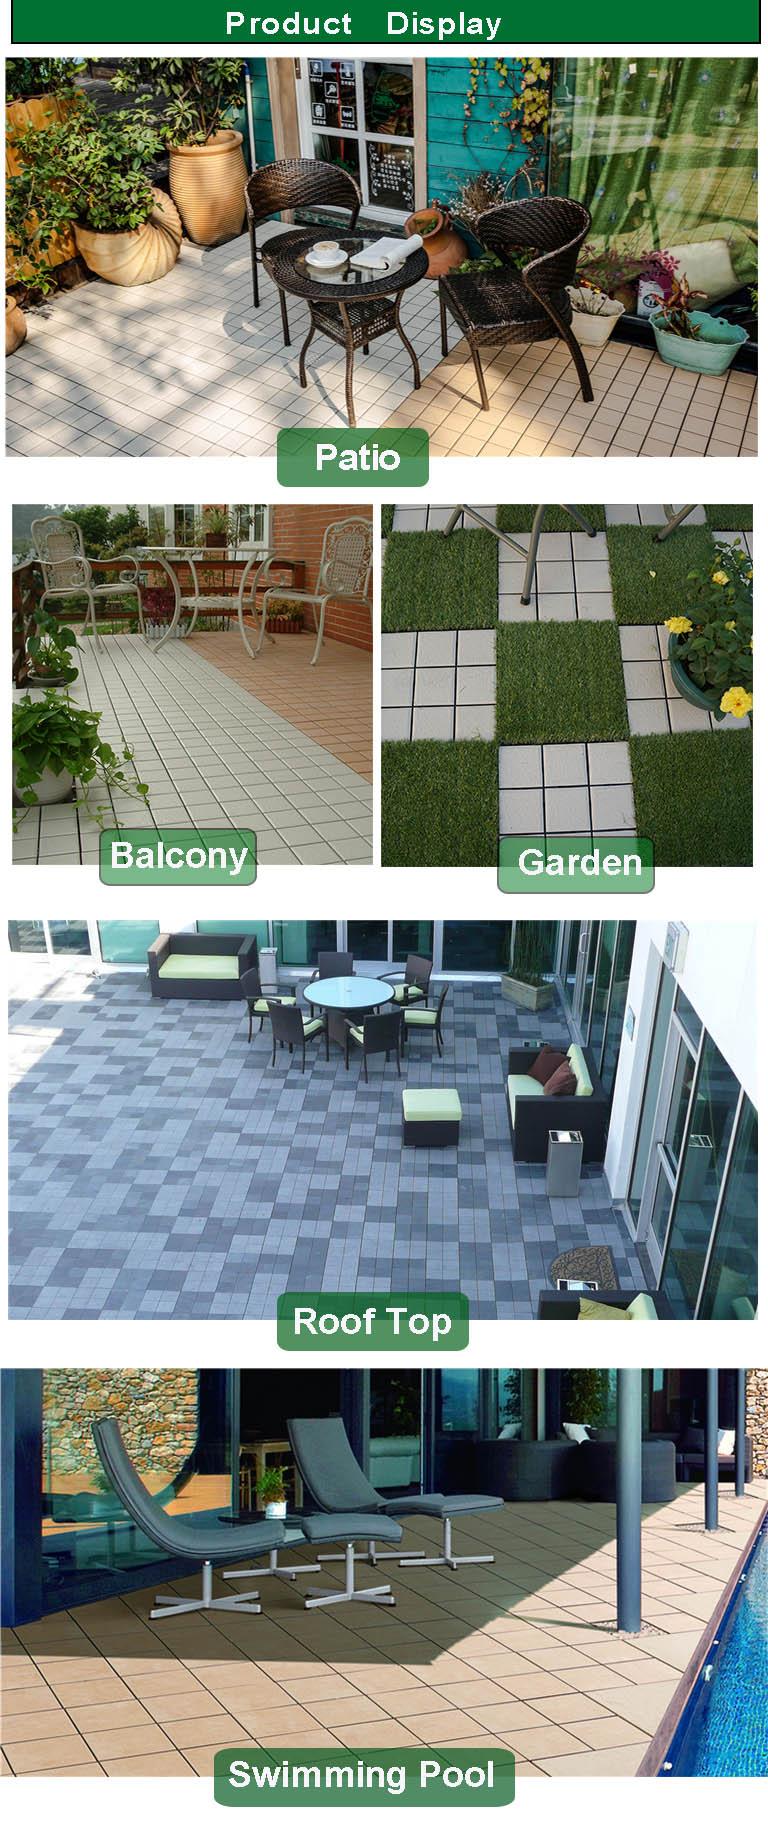 Europe flooring tiles designs sri lanka tile low price europe flooring tiles designs sri lanka tile low price discontinued ceramic tile floor dailygadgetfo Gallery